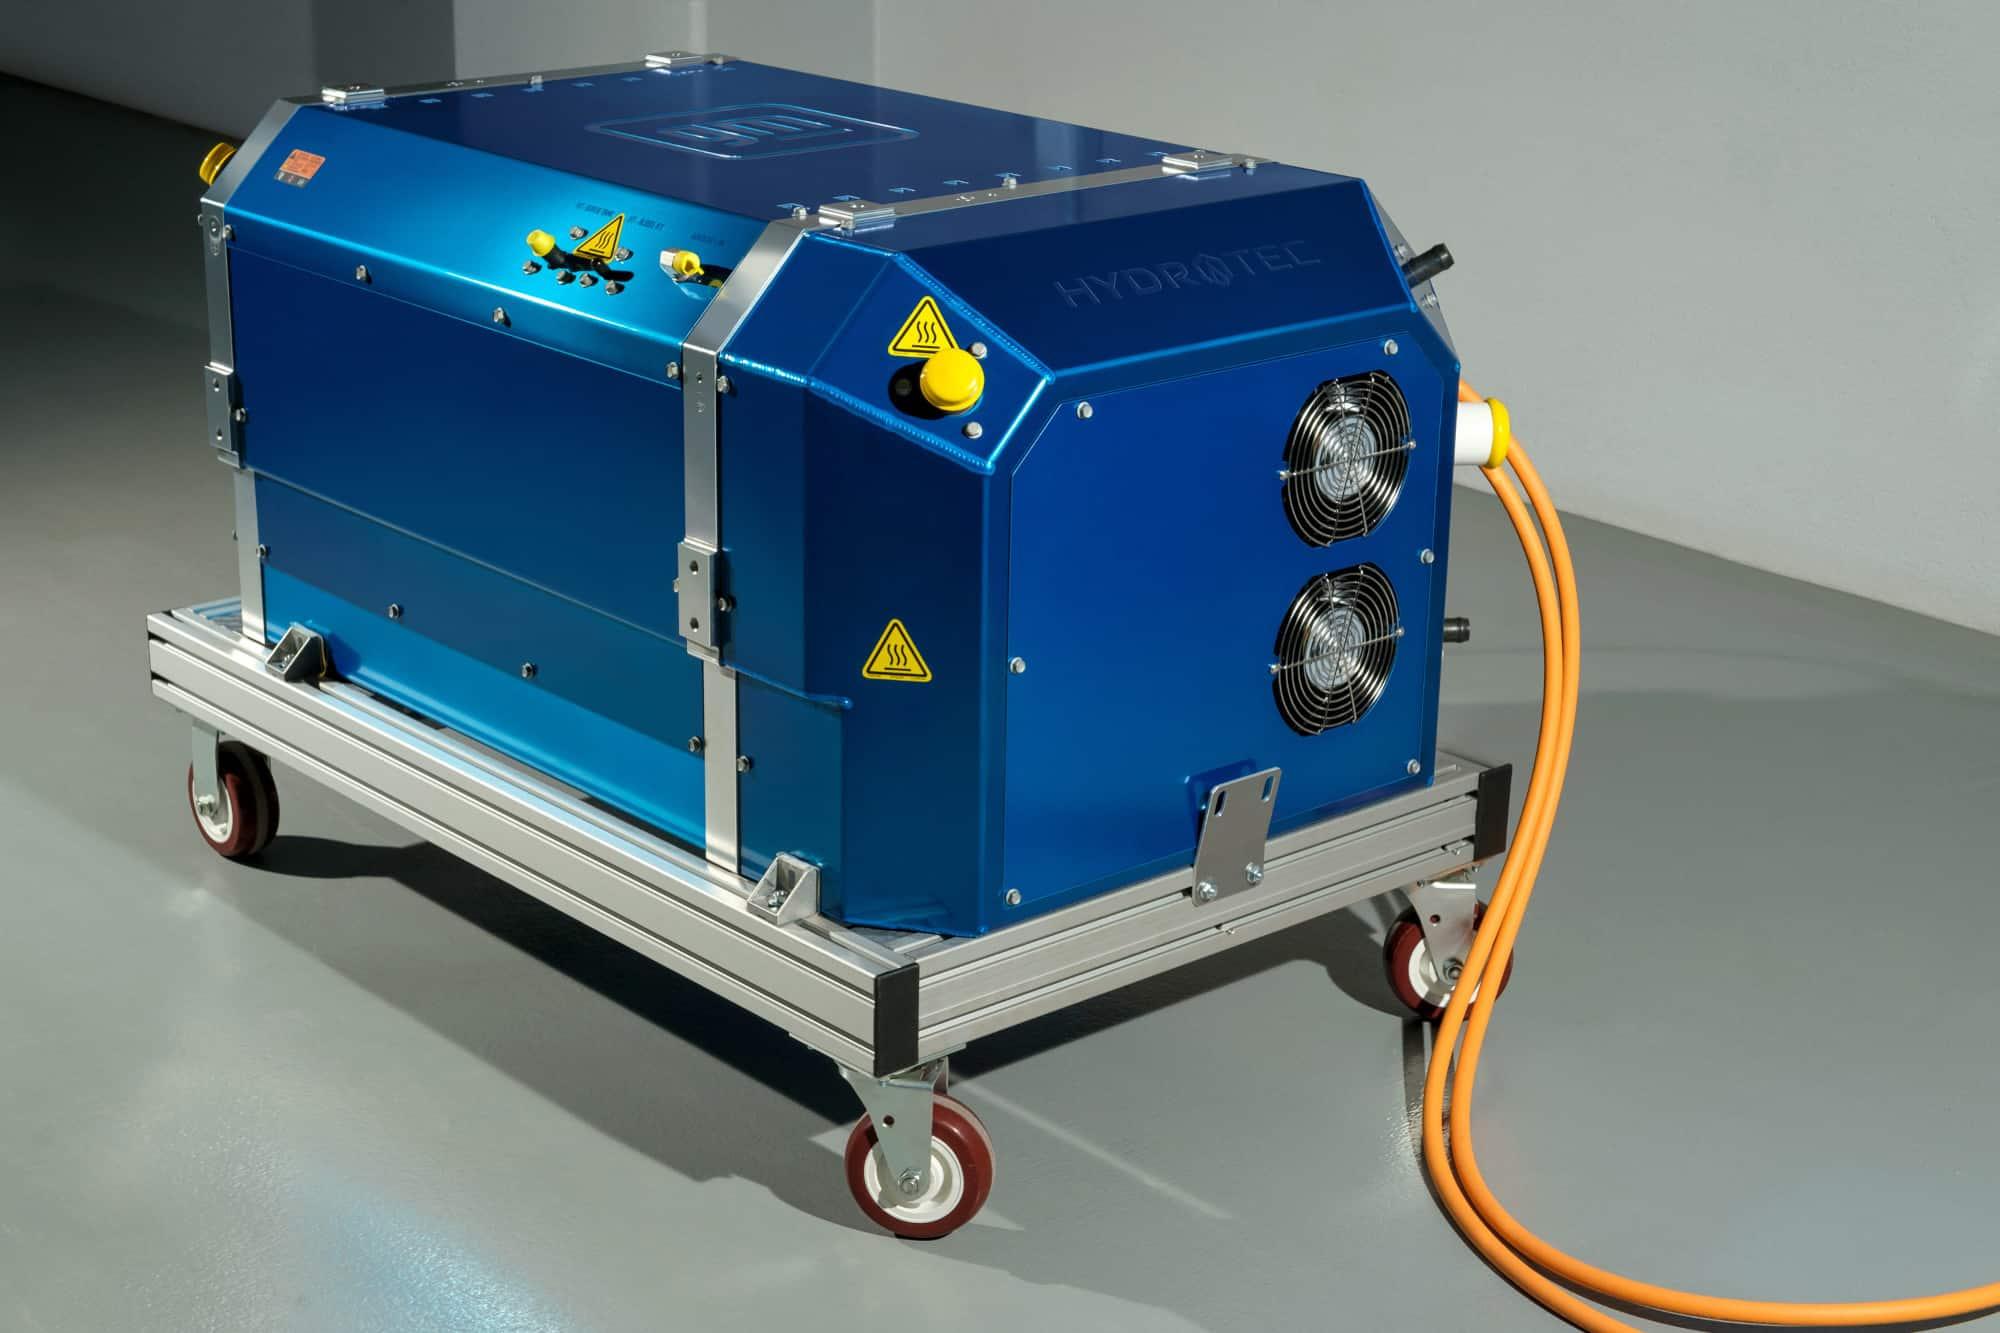 GM suministrará celdas de combustible Hydrotec a Navistar